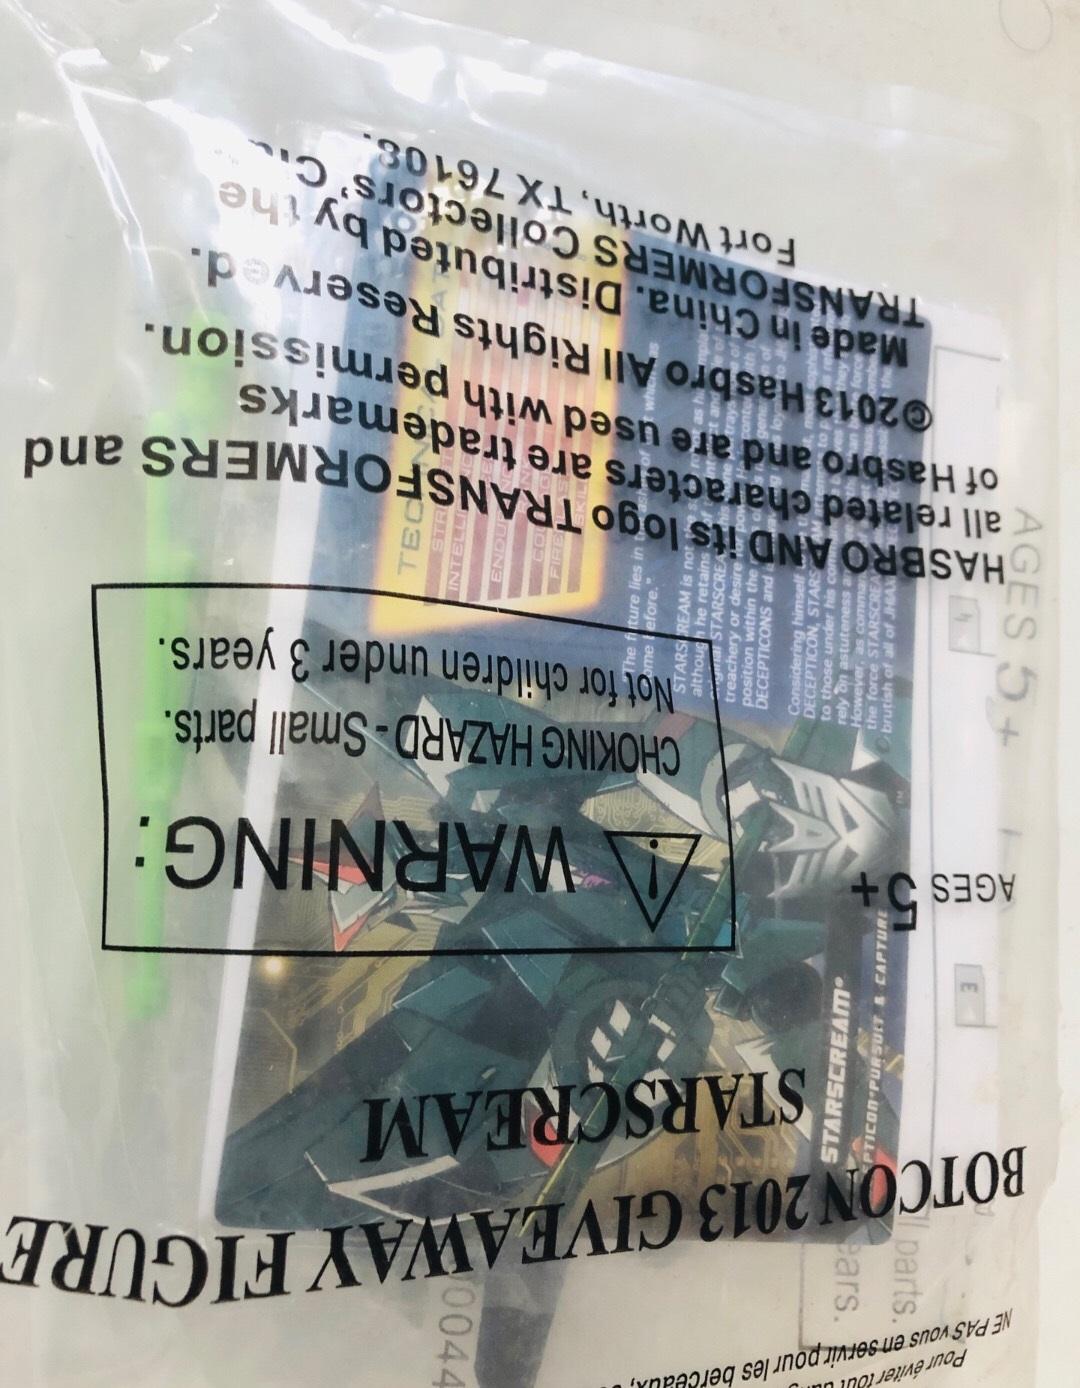 ❤外貿玩具限時特惠❤孩之寶 變形金剛 botcon2013 機械戰爭 紅蜘蛛